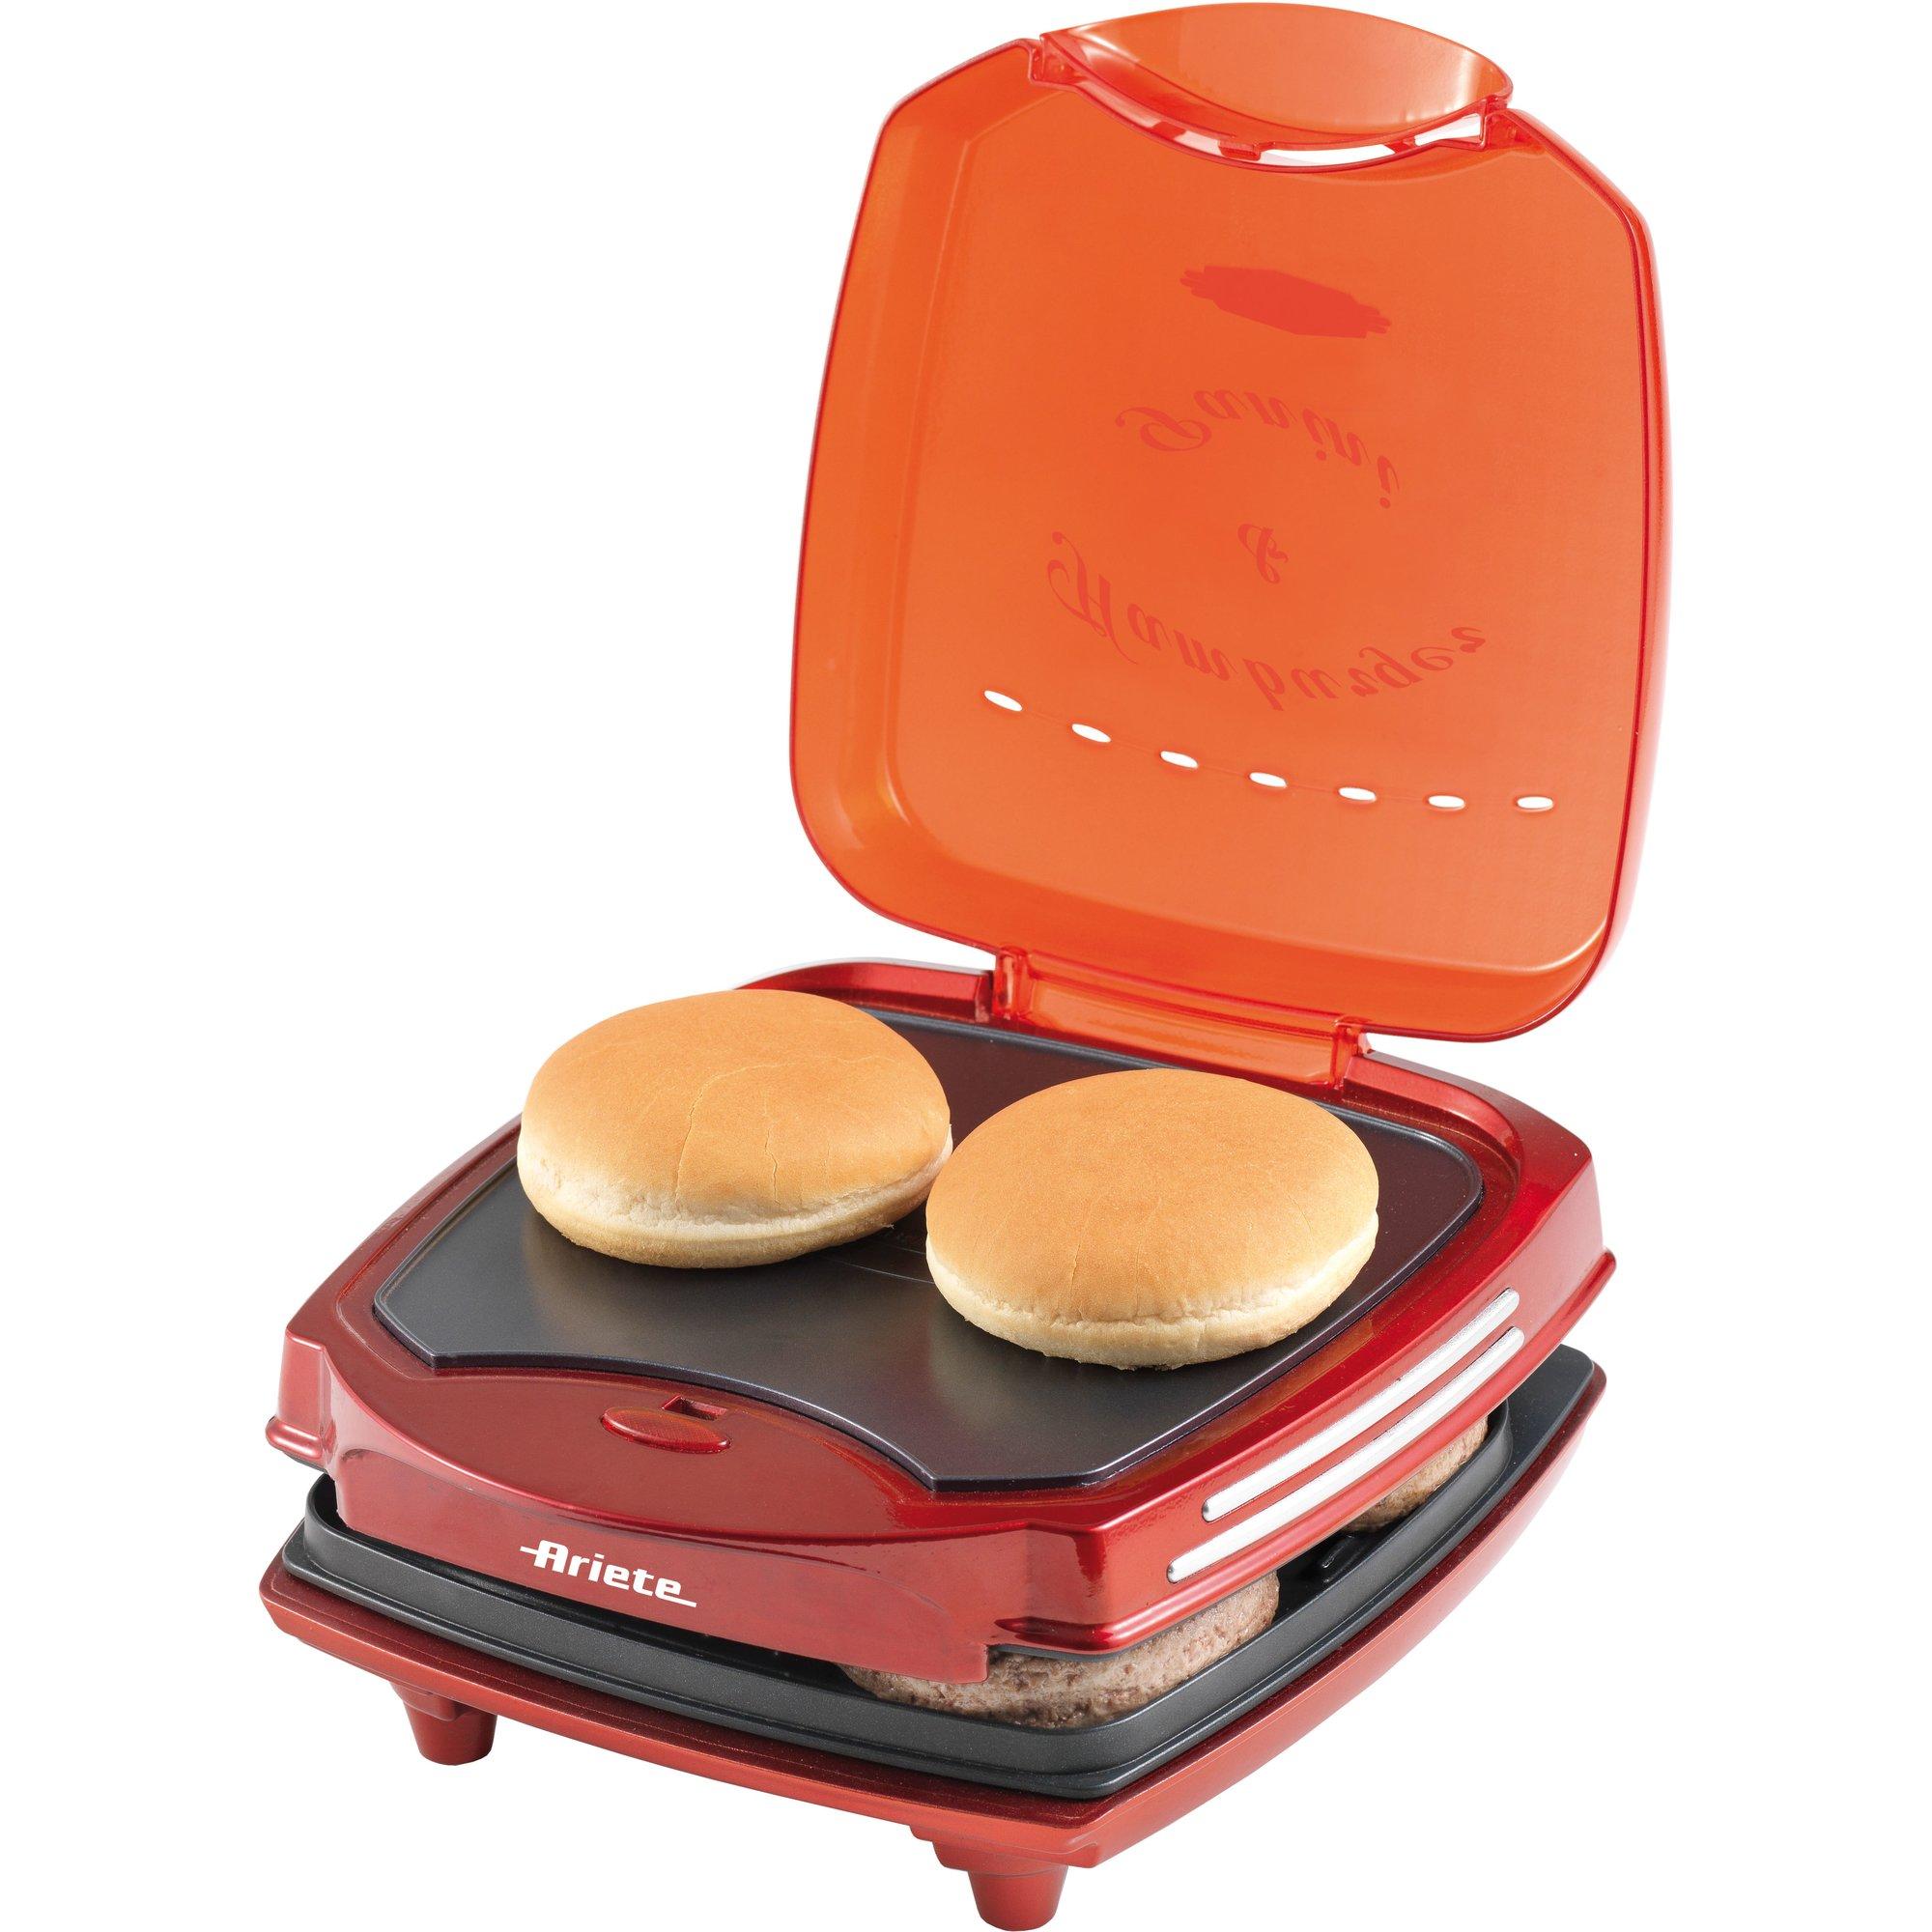 Ariete Hamburger maker